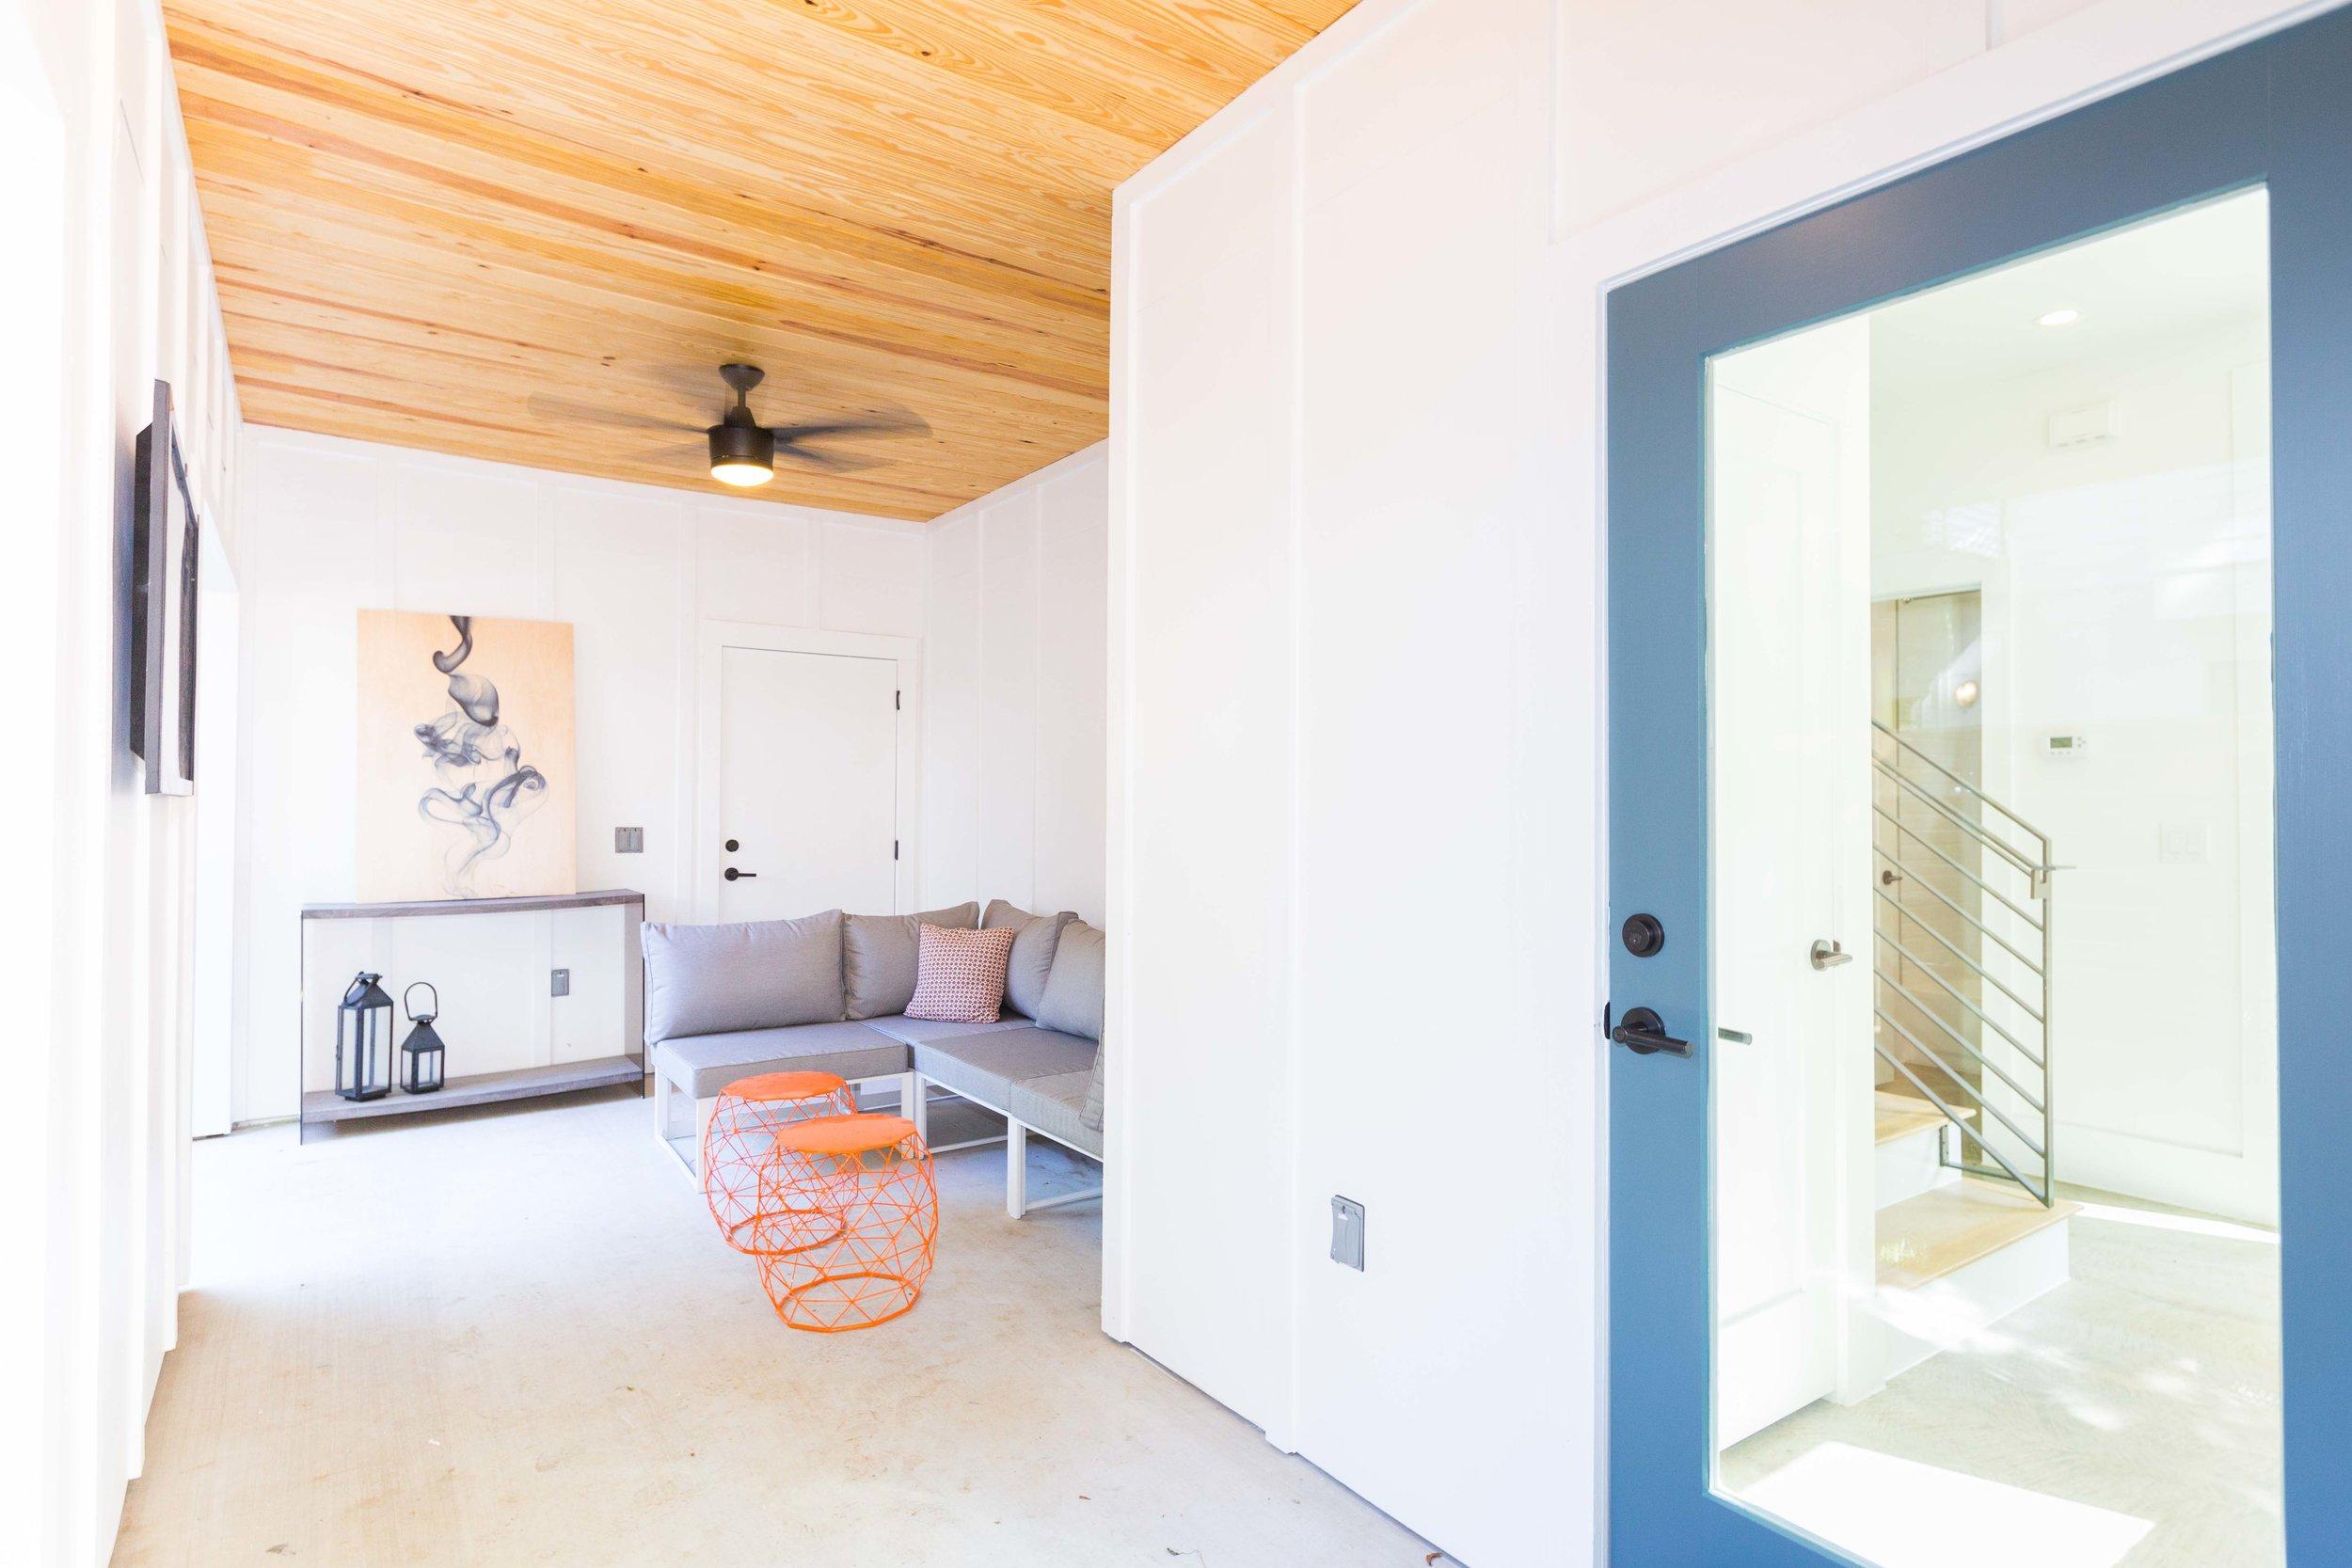 2504_WillowB_-_East_Austin_Alley_House_Modern_Cottage-9967[1].jpg